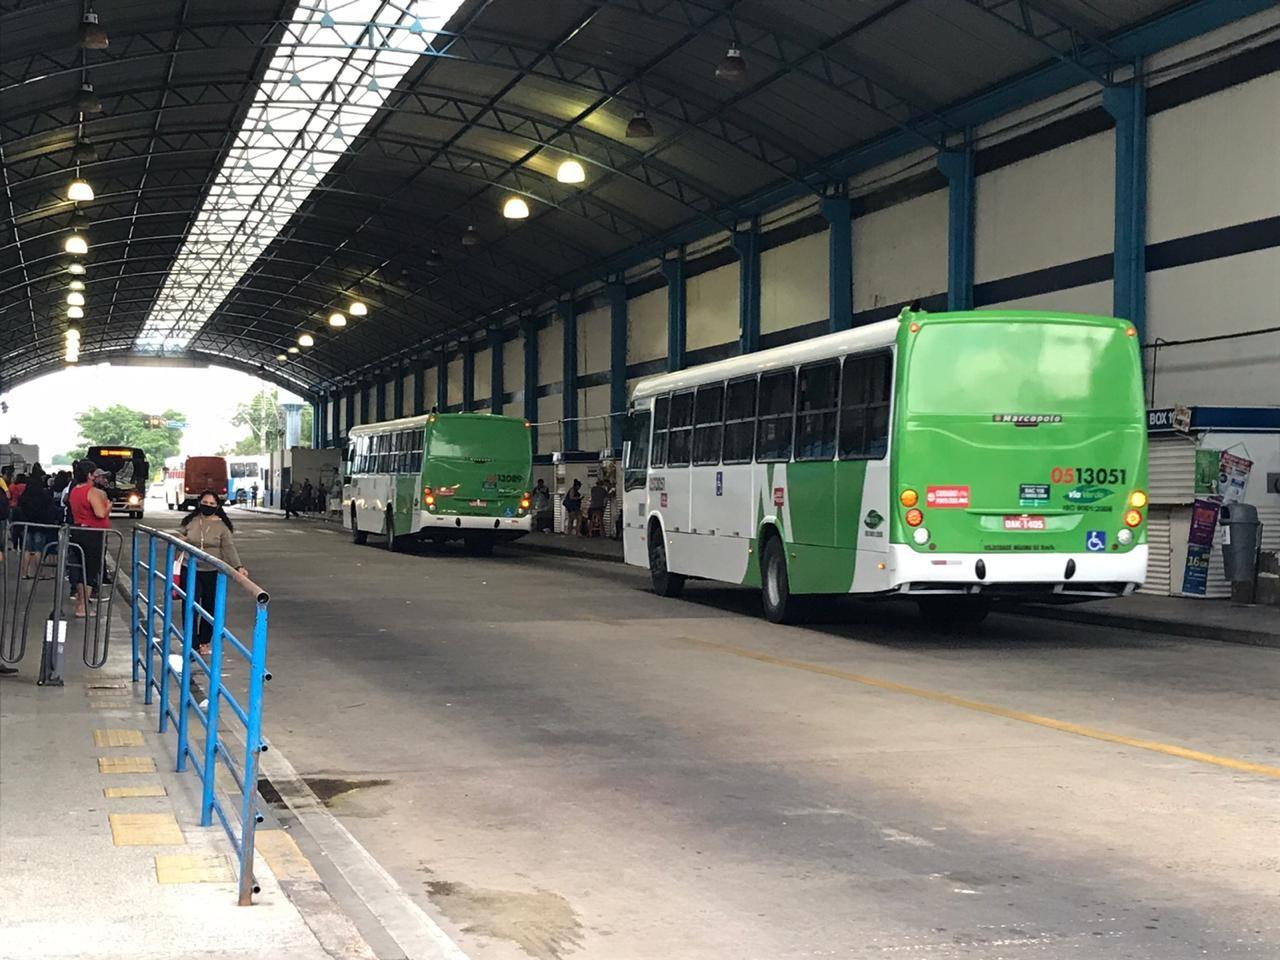 Decreto aumenta tarifa de ônibus em Manaus para R$ 4,51, mas prefeitura diz que reajuste será revogado